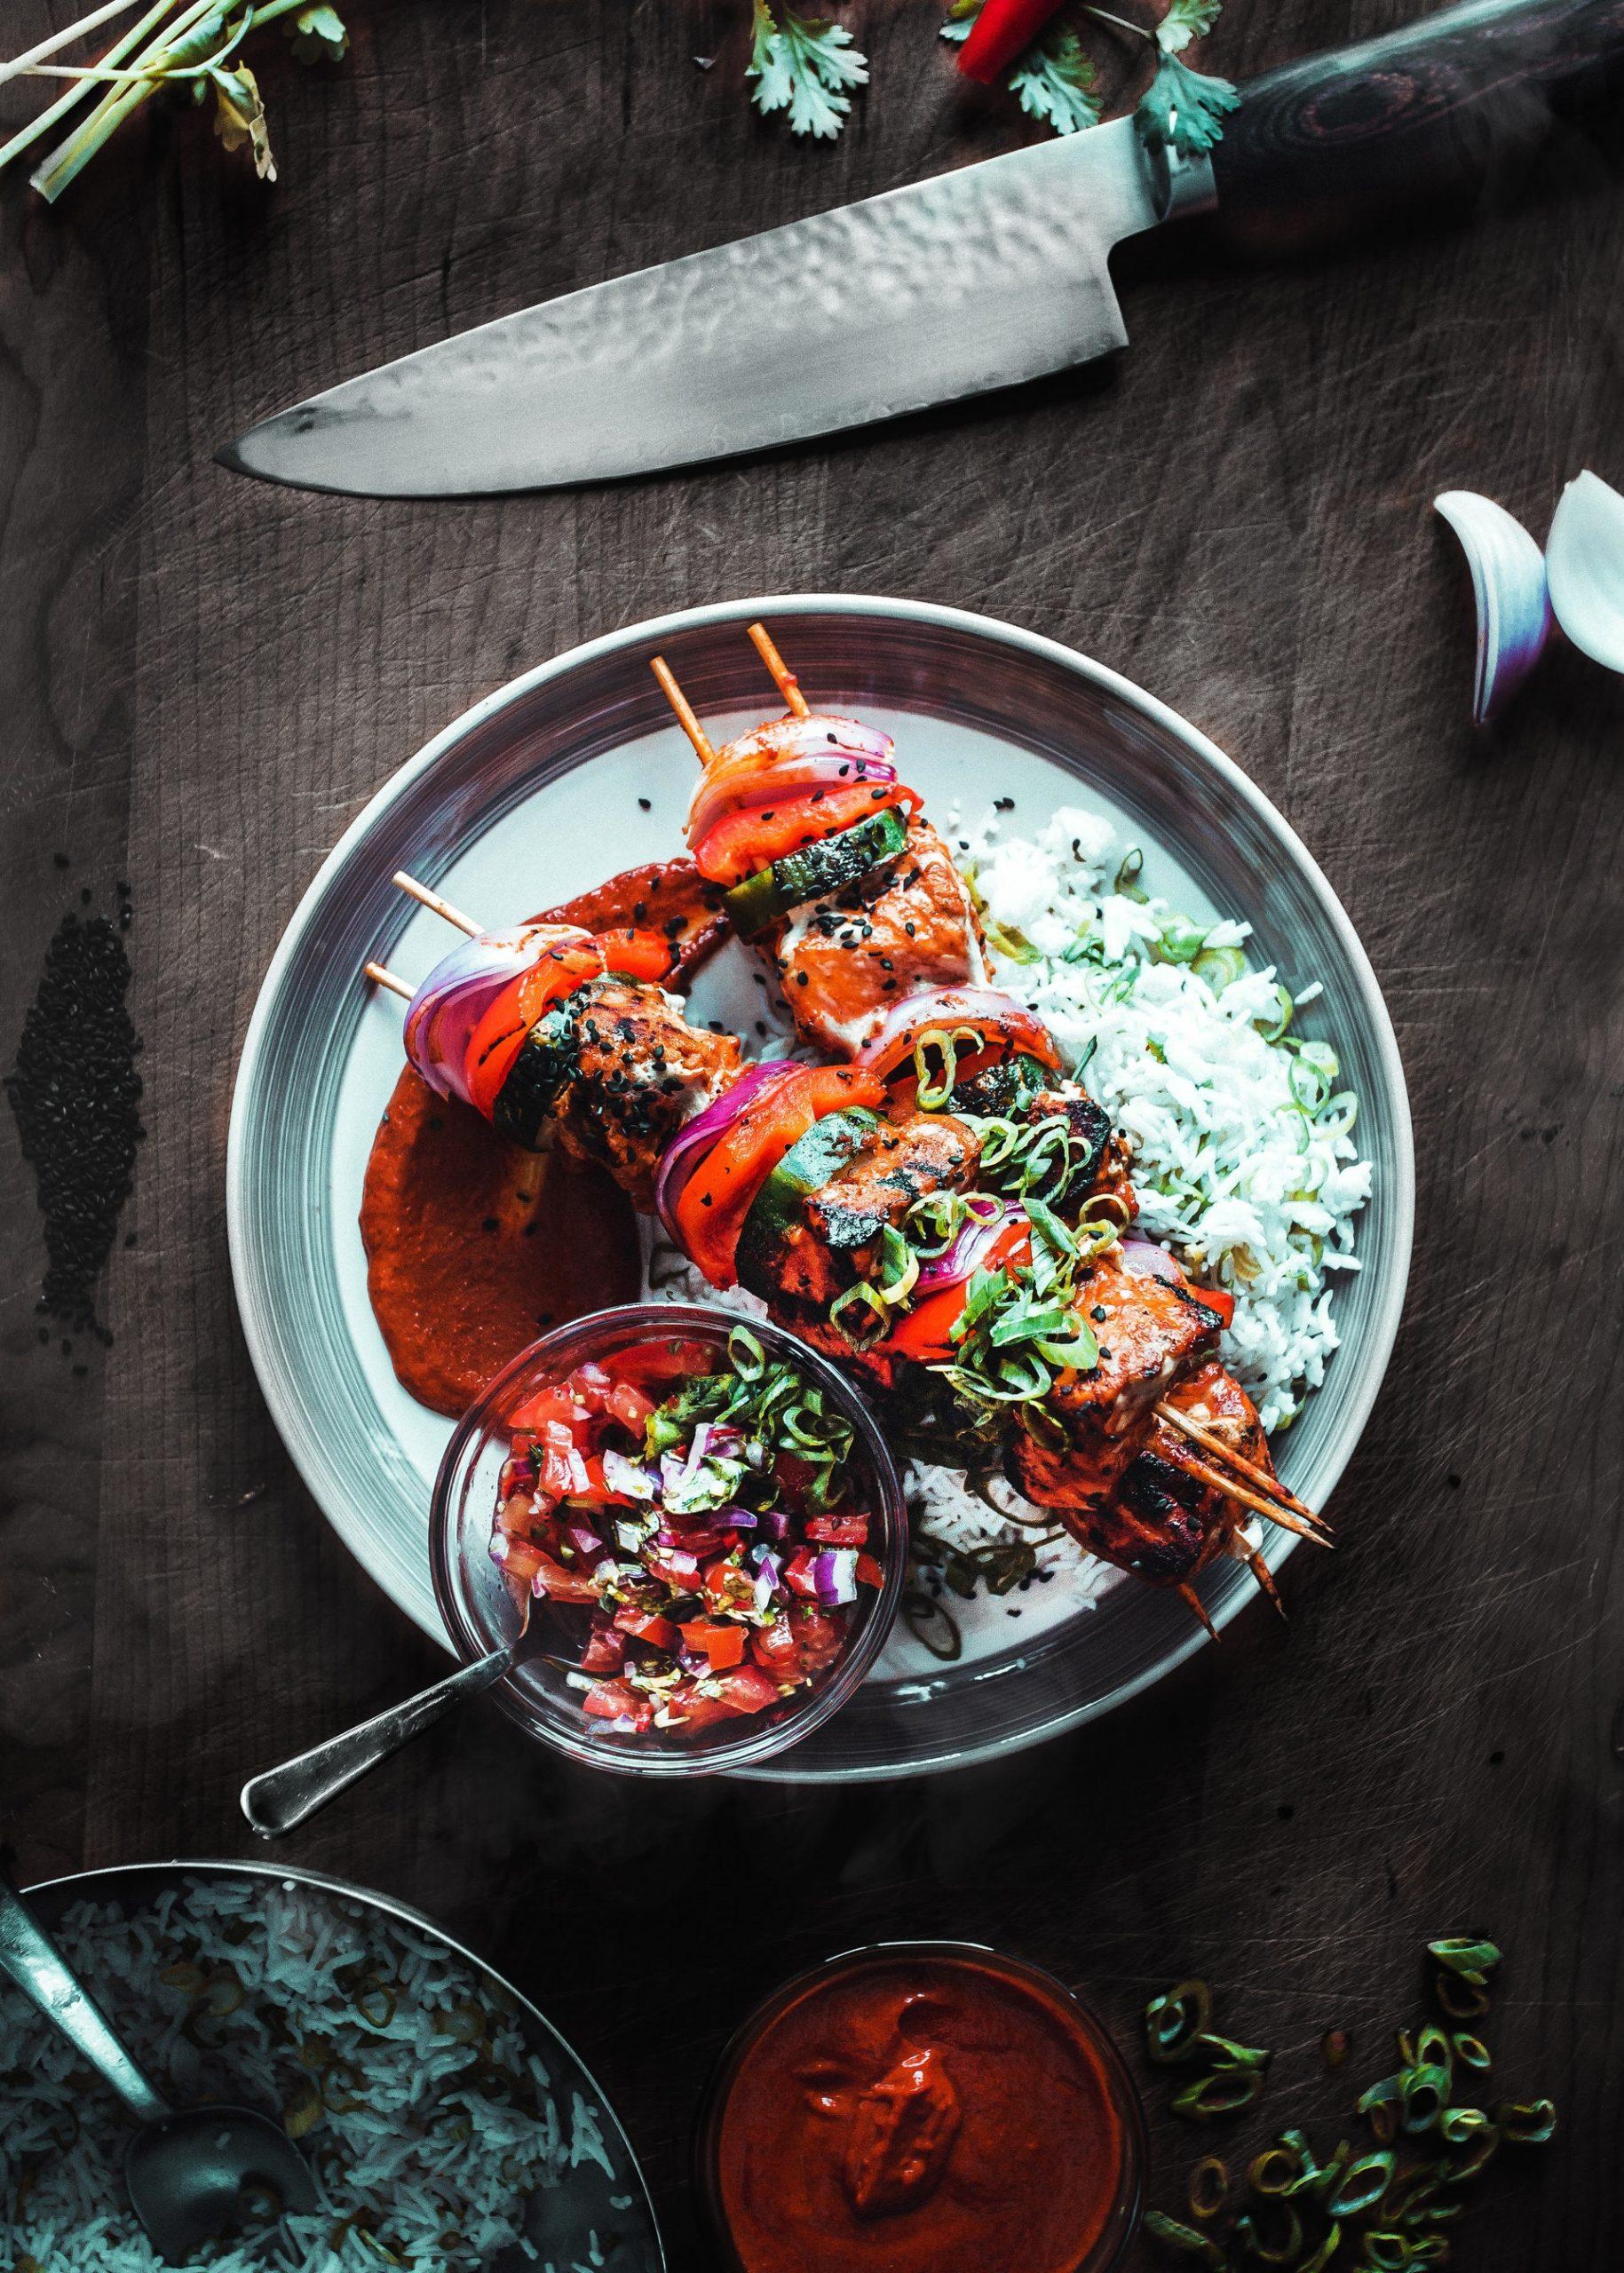 Et flott kjøkken gjør det enklere å spise sunt